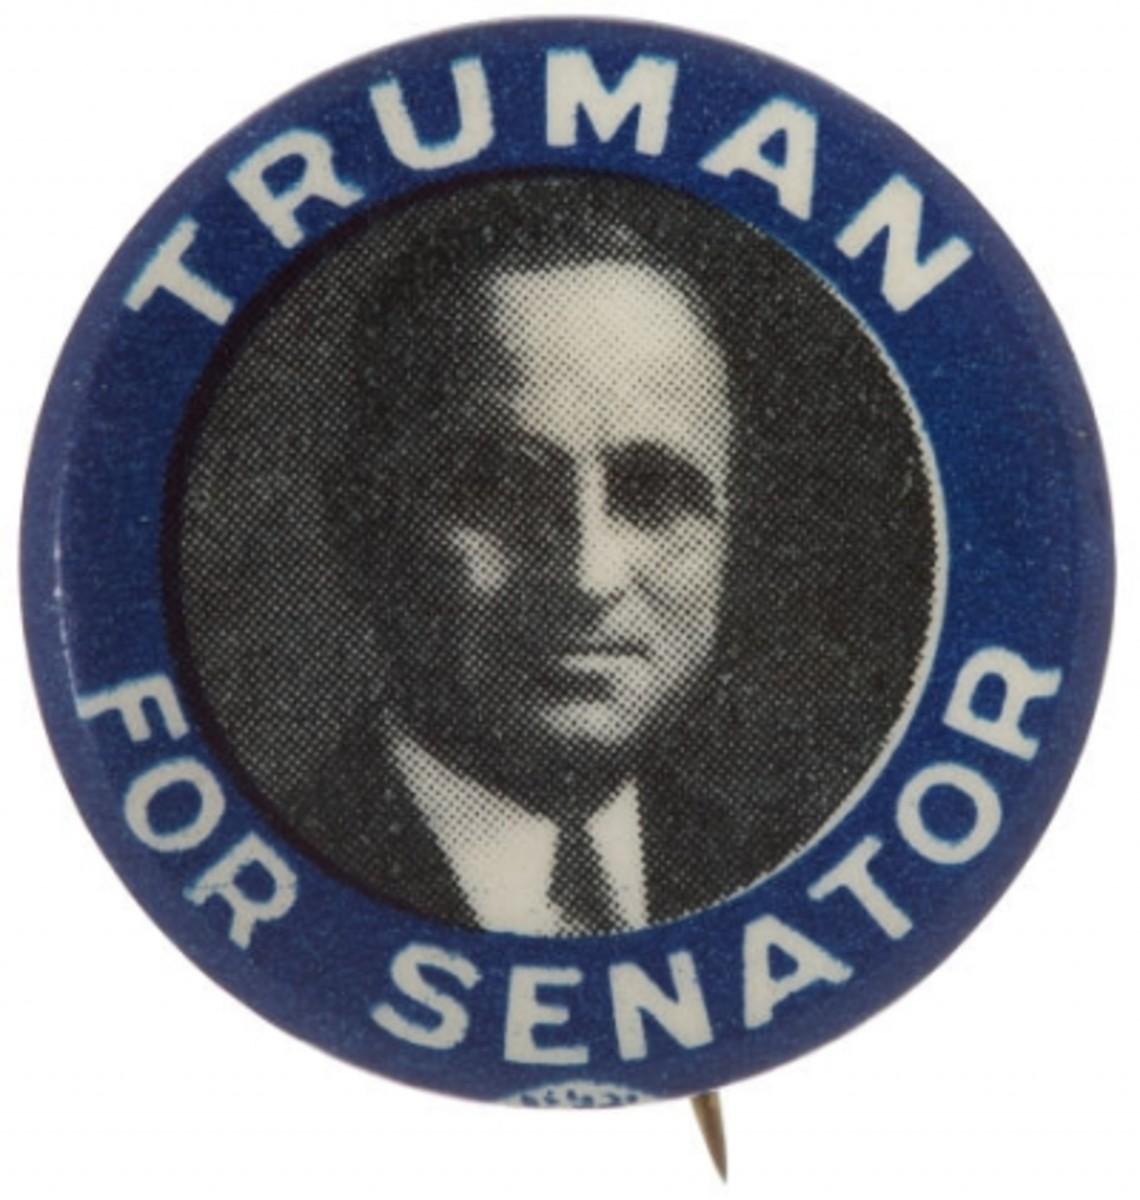 Truman for Senate campaign button